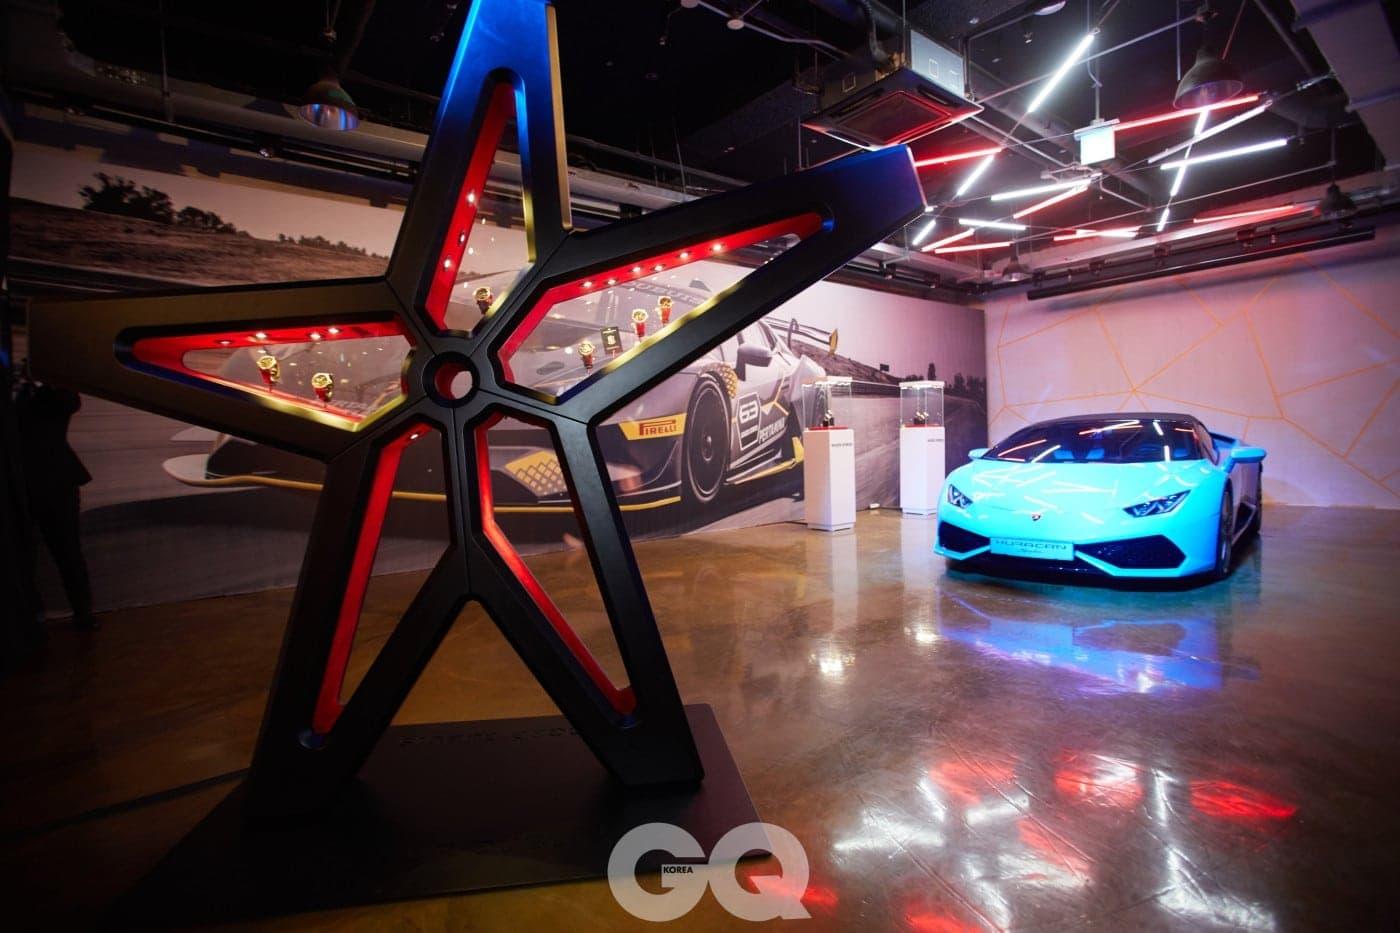 올해 들어 더욱 다양해진 로저드뷔의 모터스포츠 워치 컬렉션을 다양하게 만날 수 있었던 행사장의 모습.